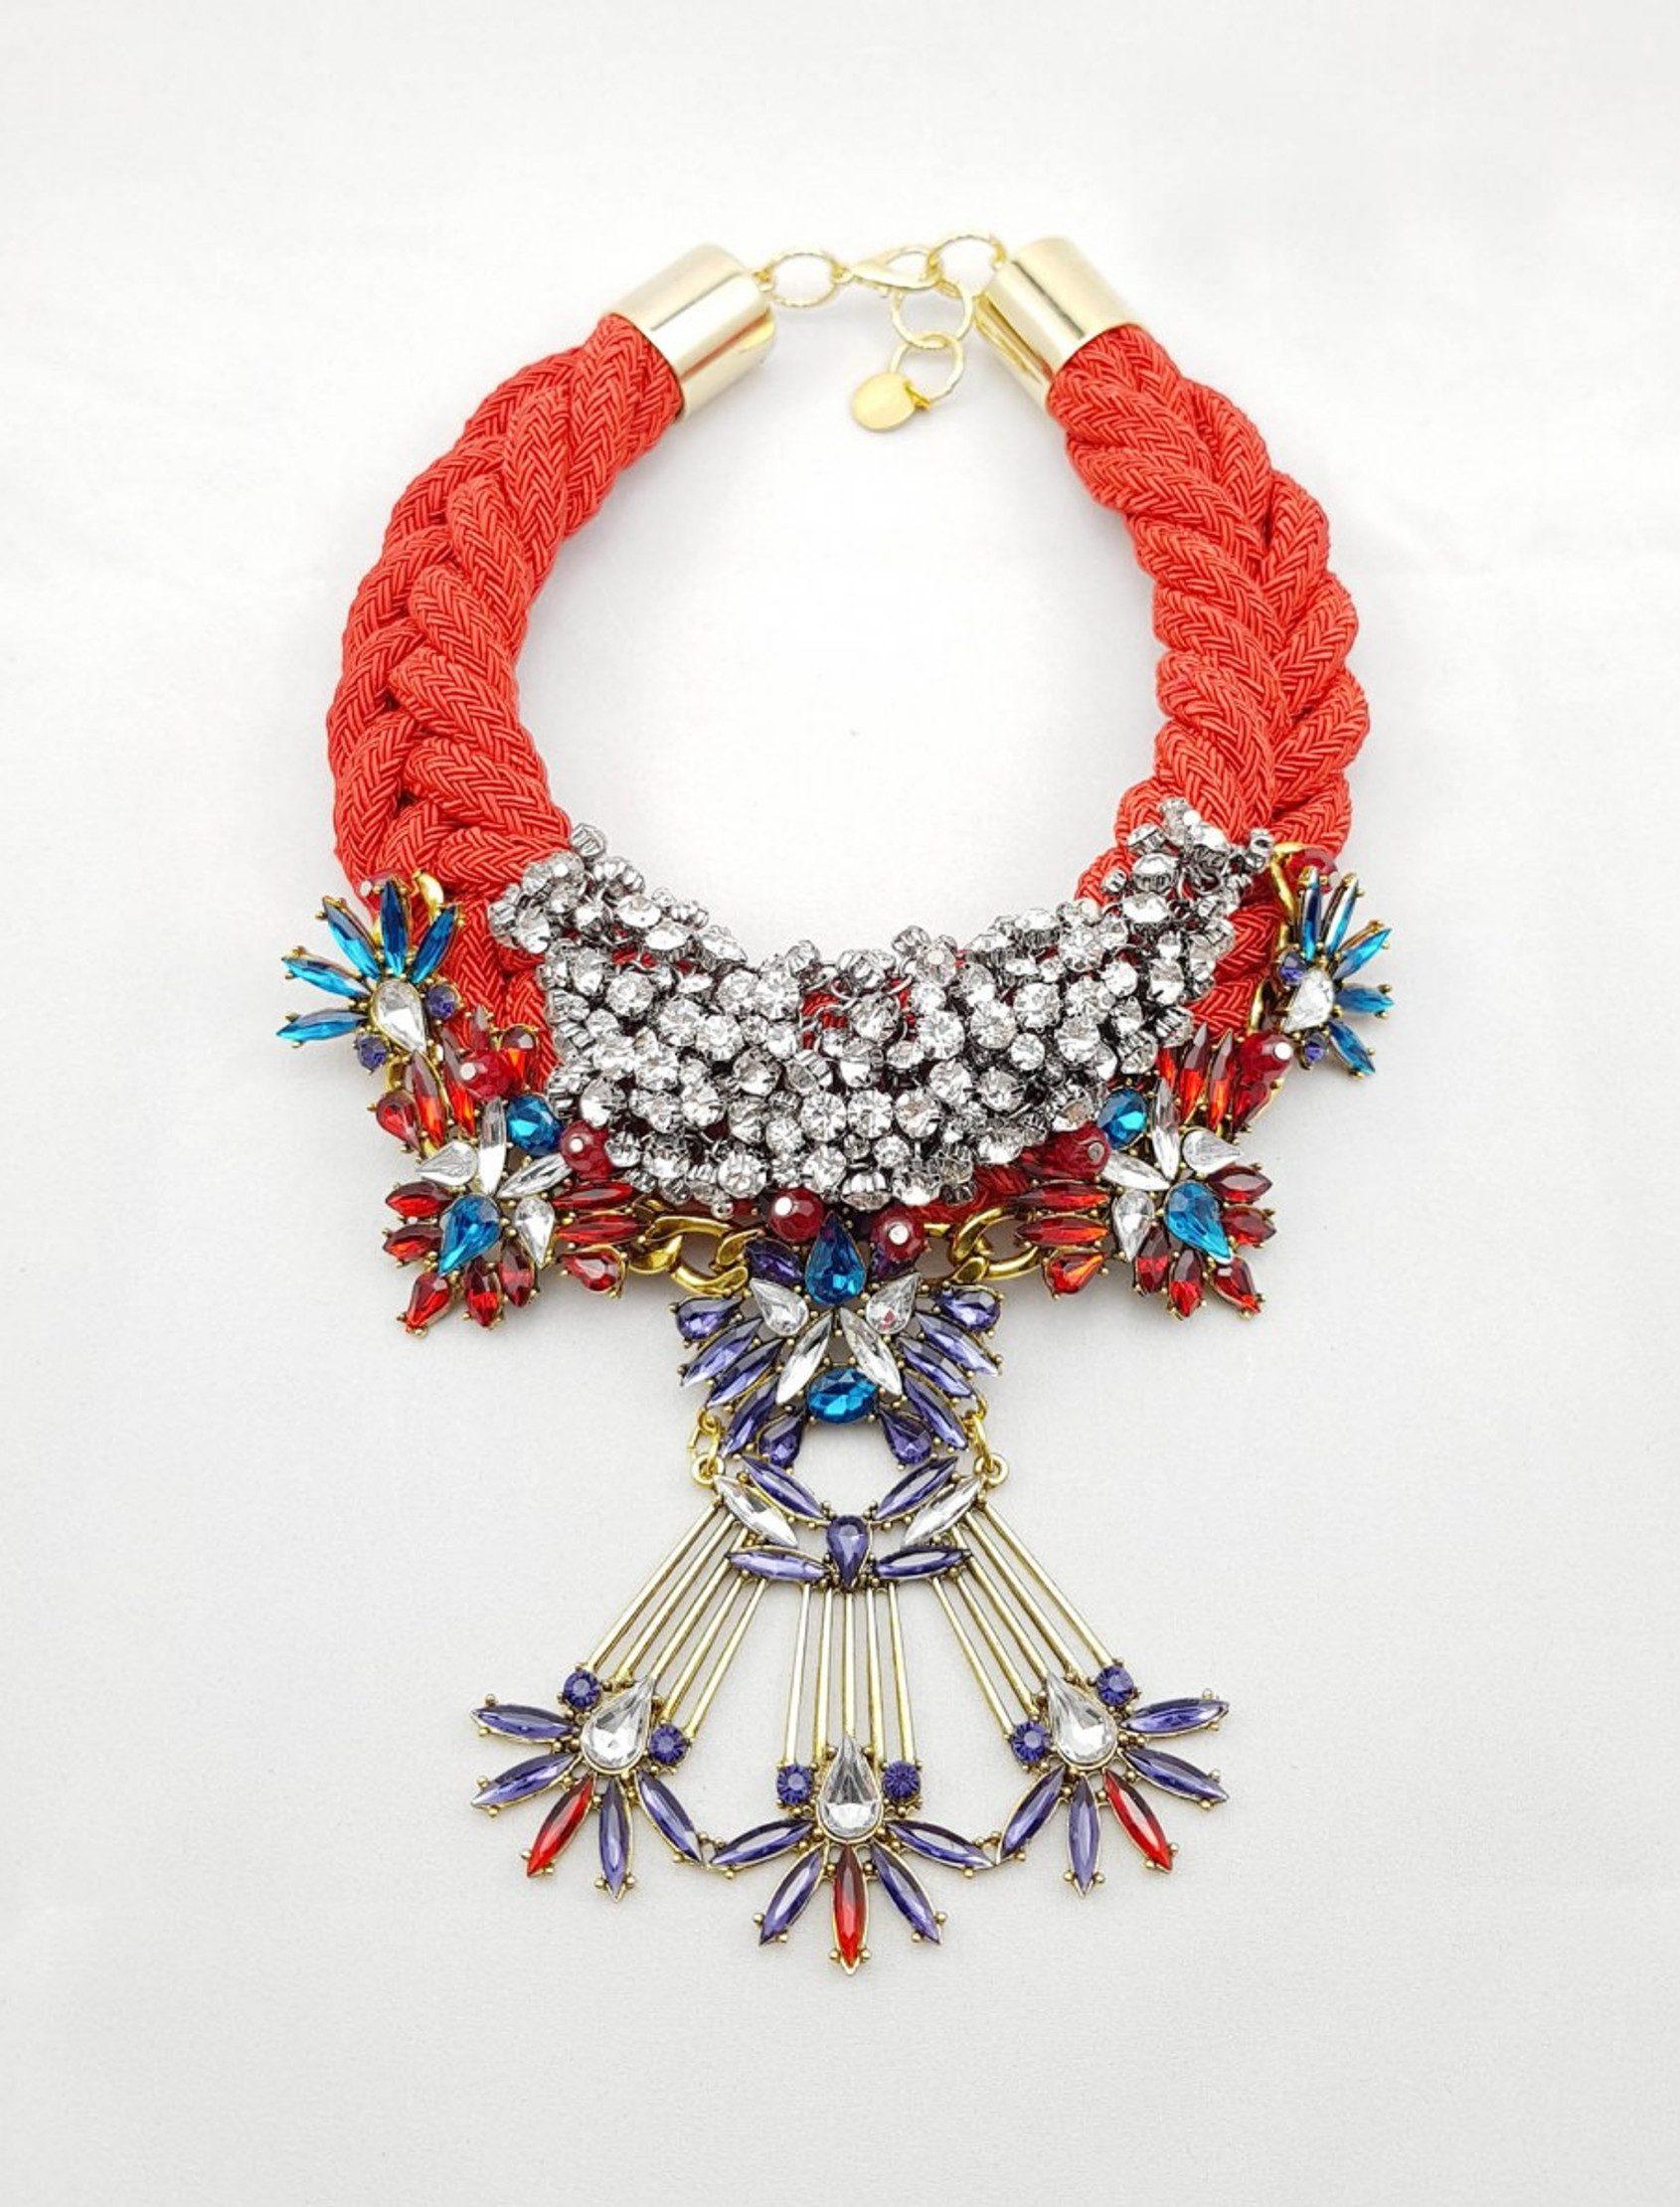 collar tique con cuerda de rallón roja y abalorios metálicos multicolor